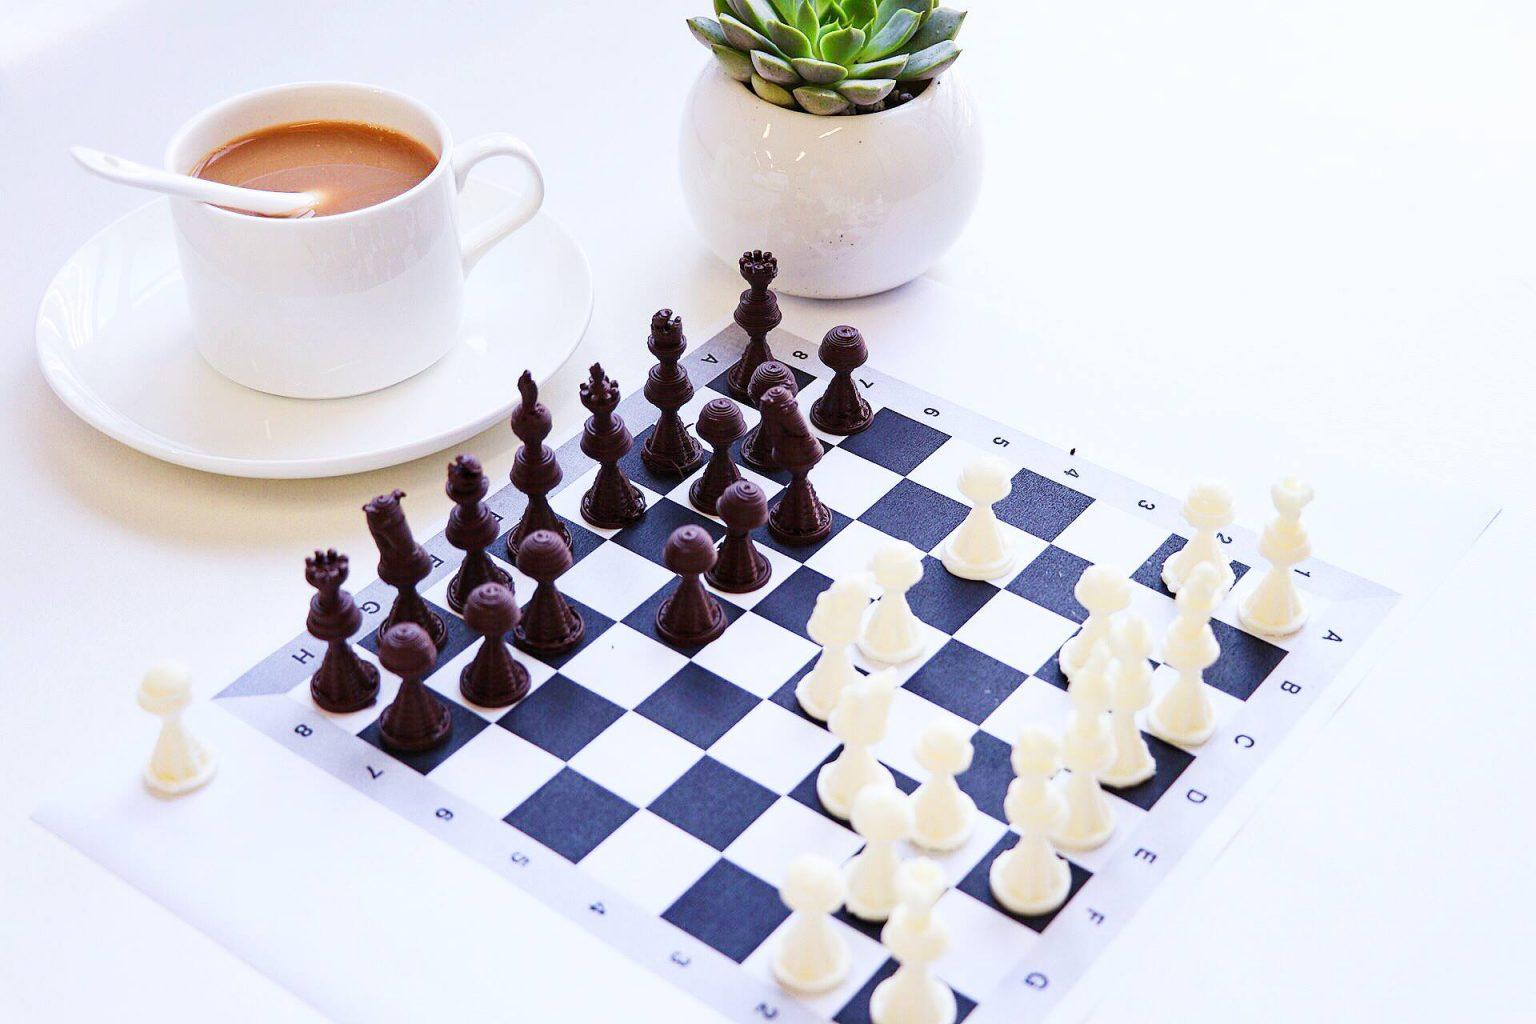 çikolatadan satranç takımı